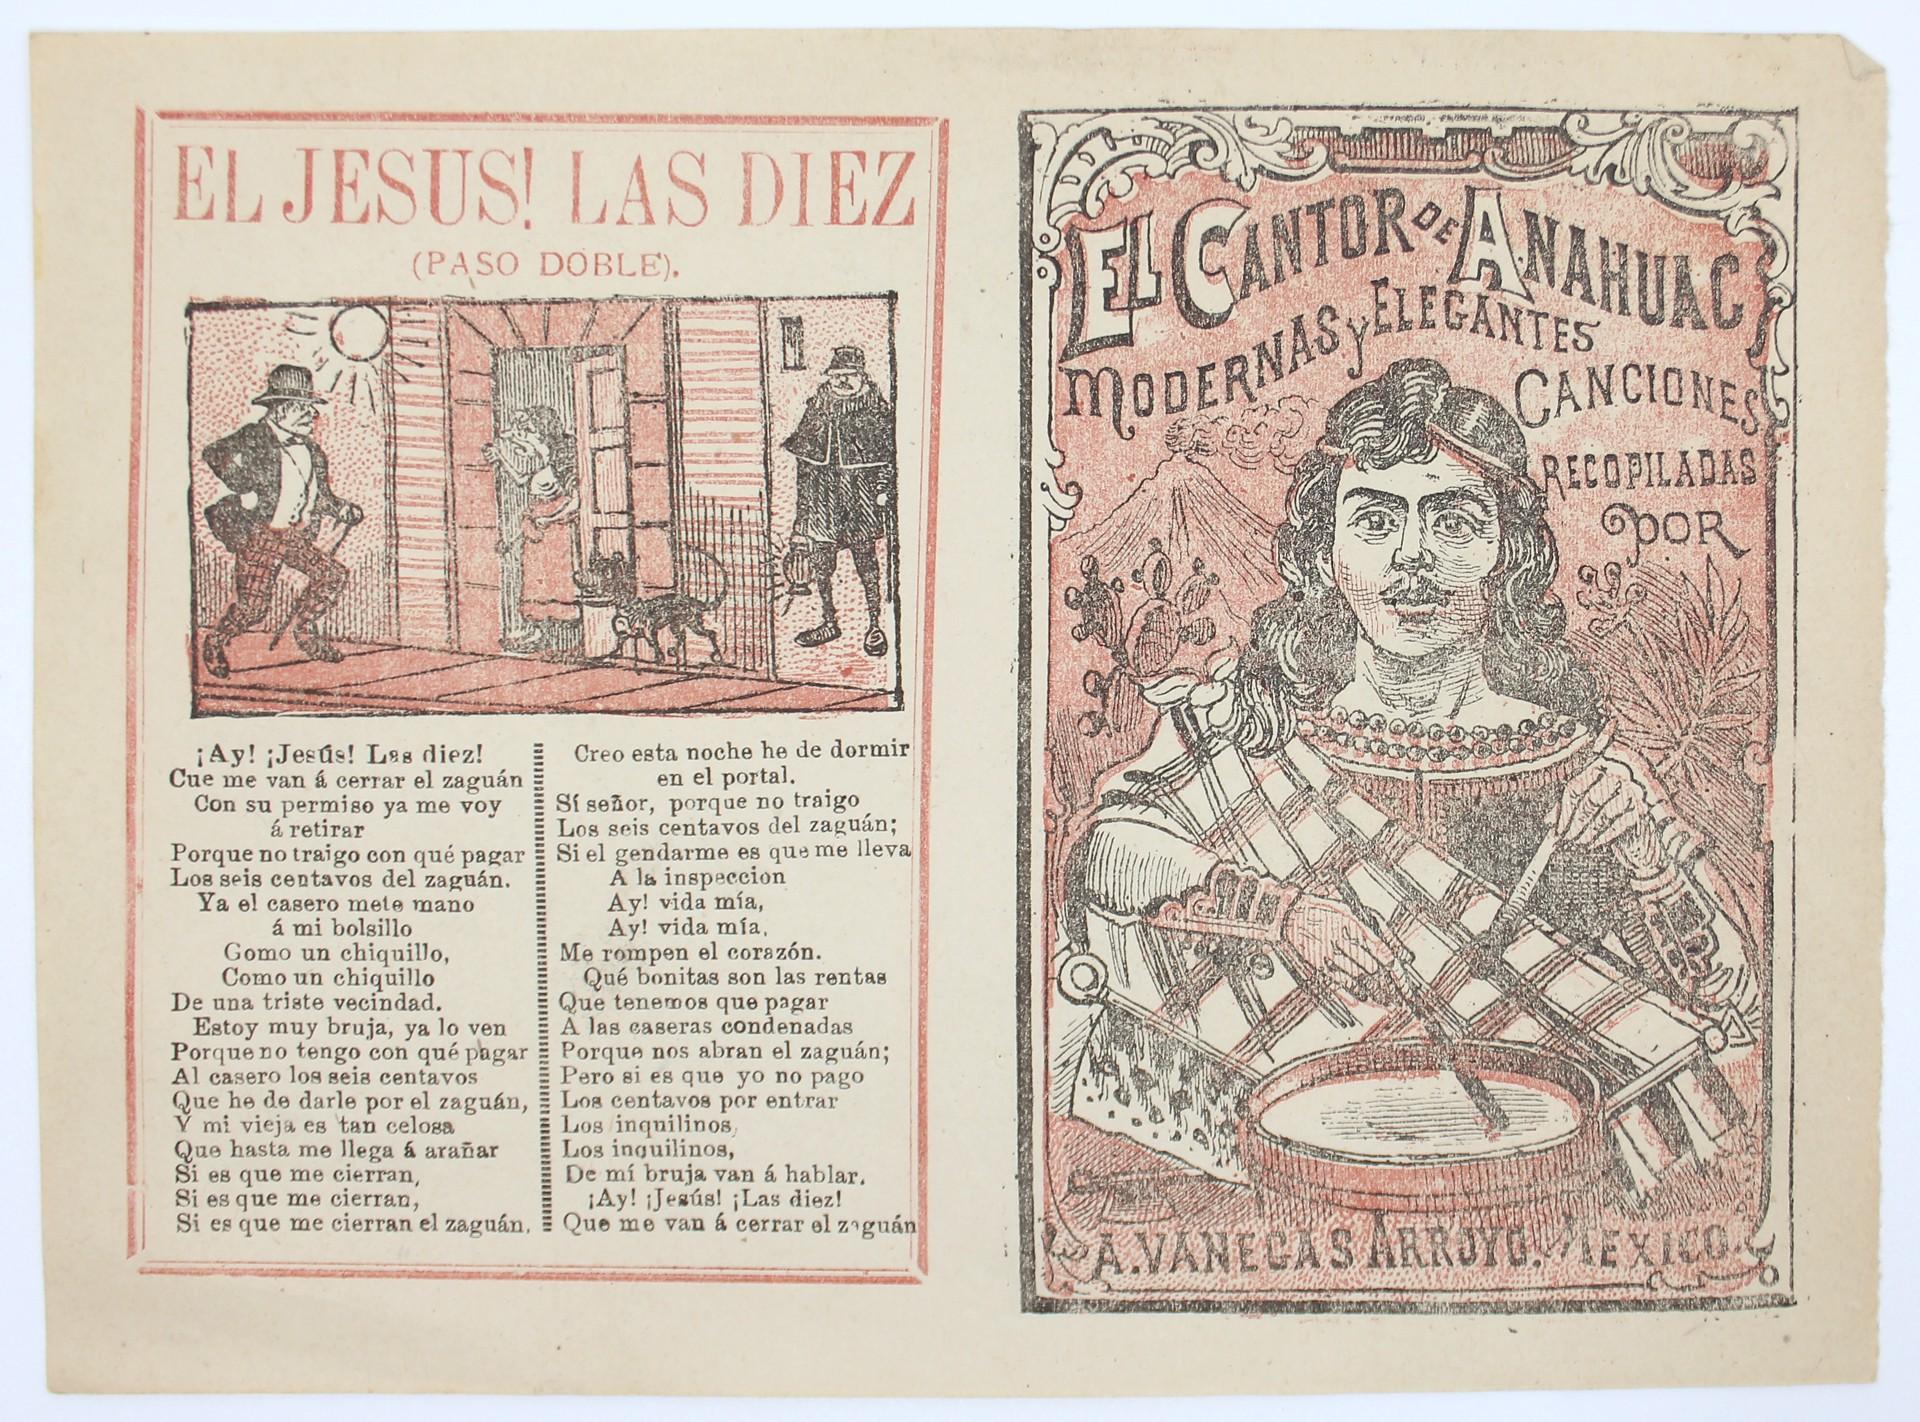 El Cantor de Anahuac. Modernas y elegantes canciones. by José Guadalupe Posada (1852 - 1913)